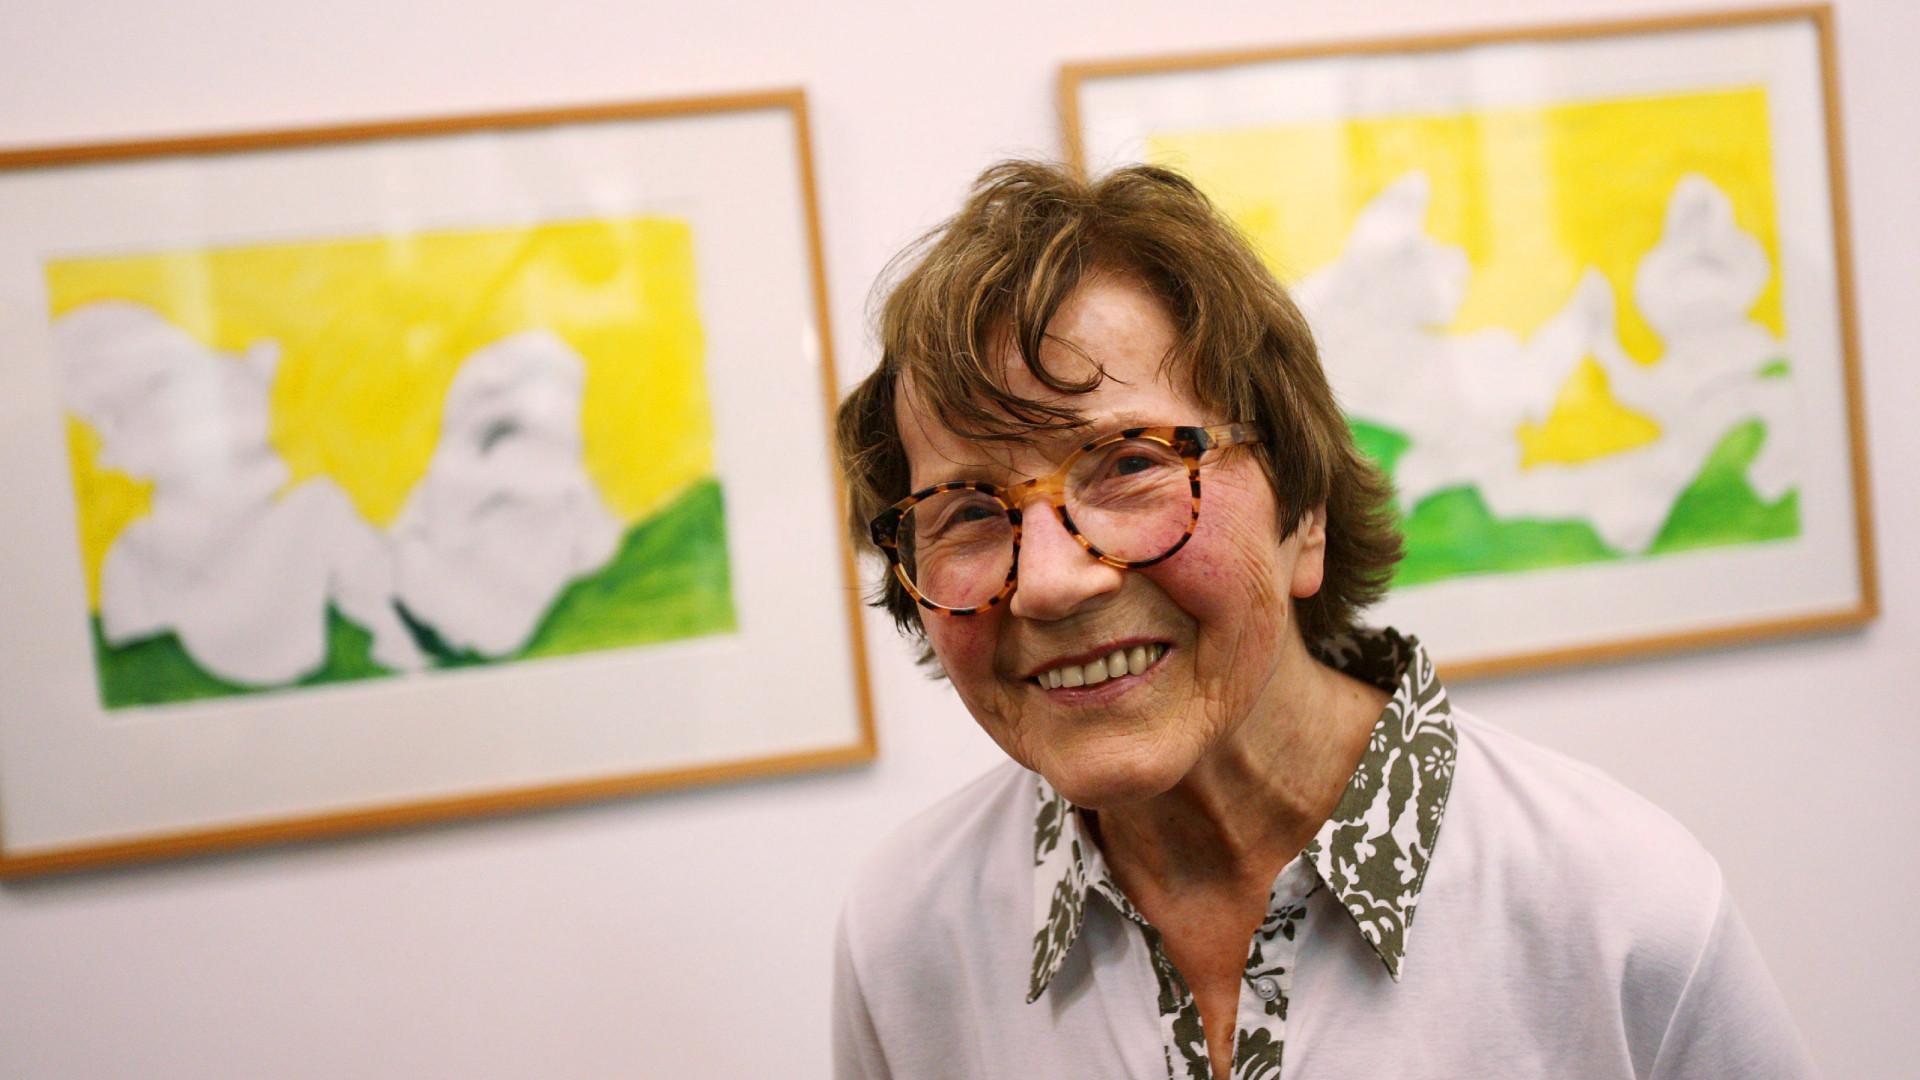 Exposição com desenhos e aguarelas de Maria Lassnig inaugurada hoje